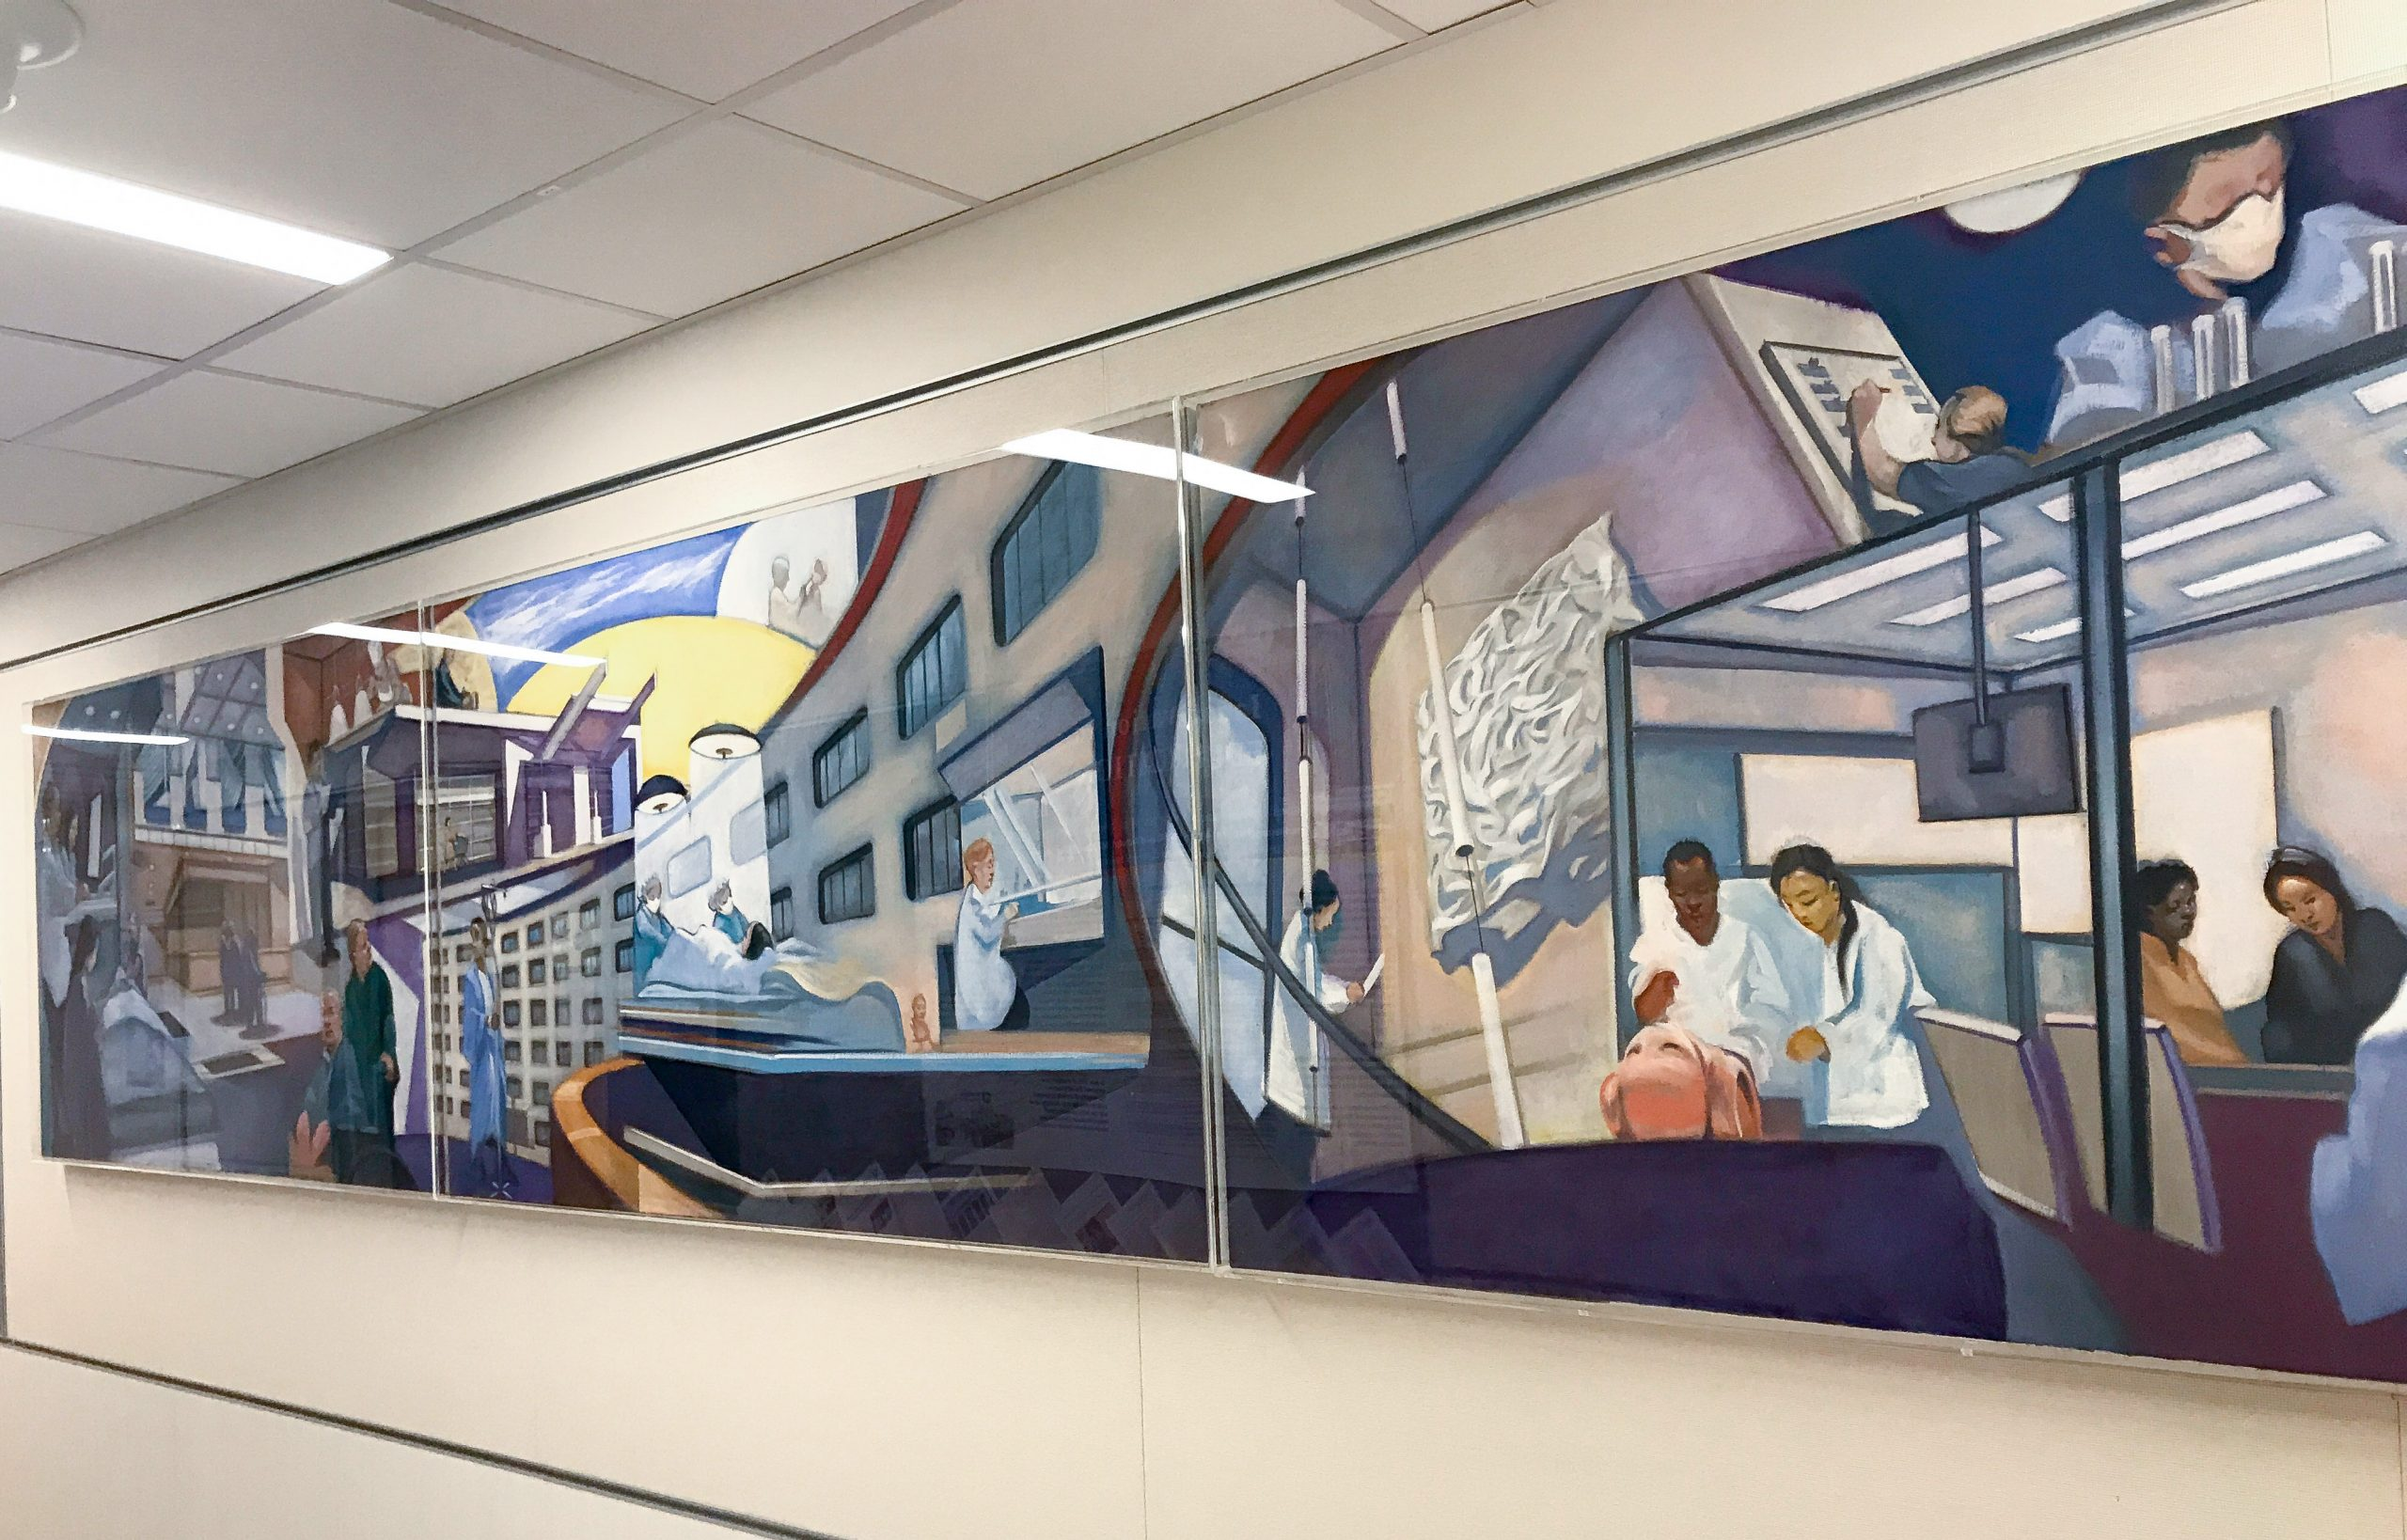 Milton S. Hershey Med Center, Penn State University Murals